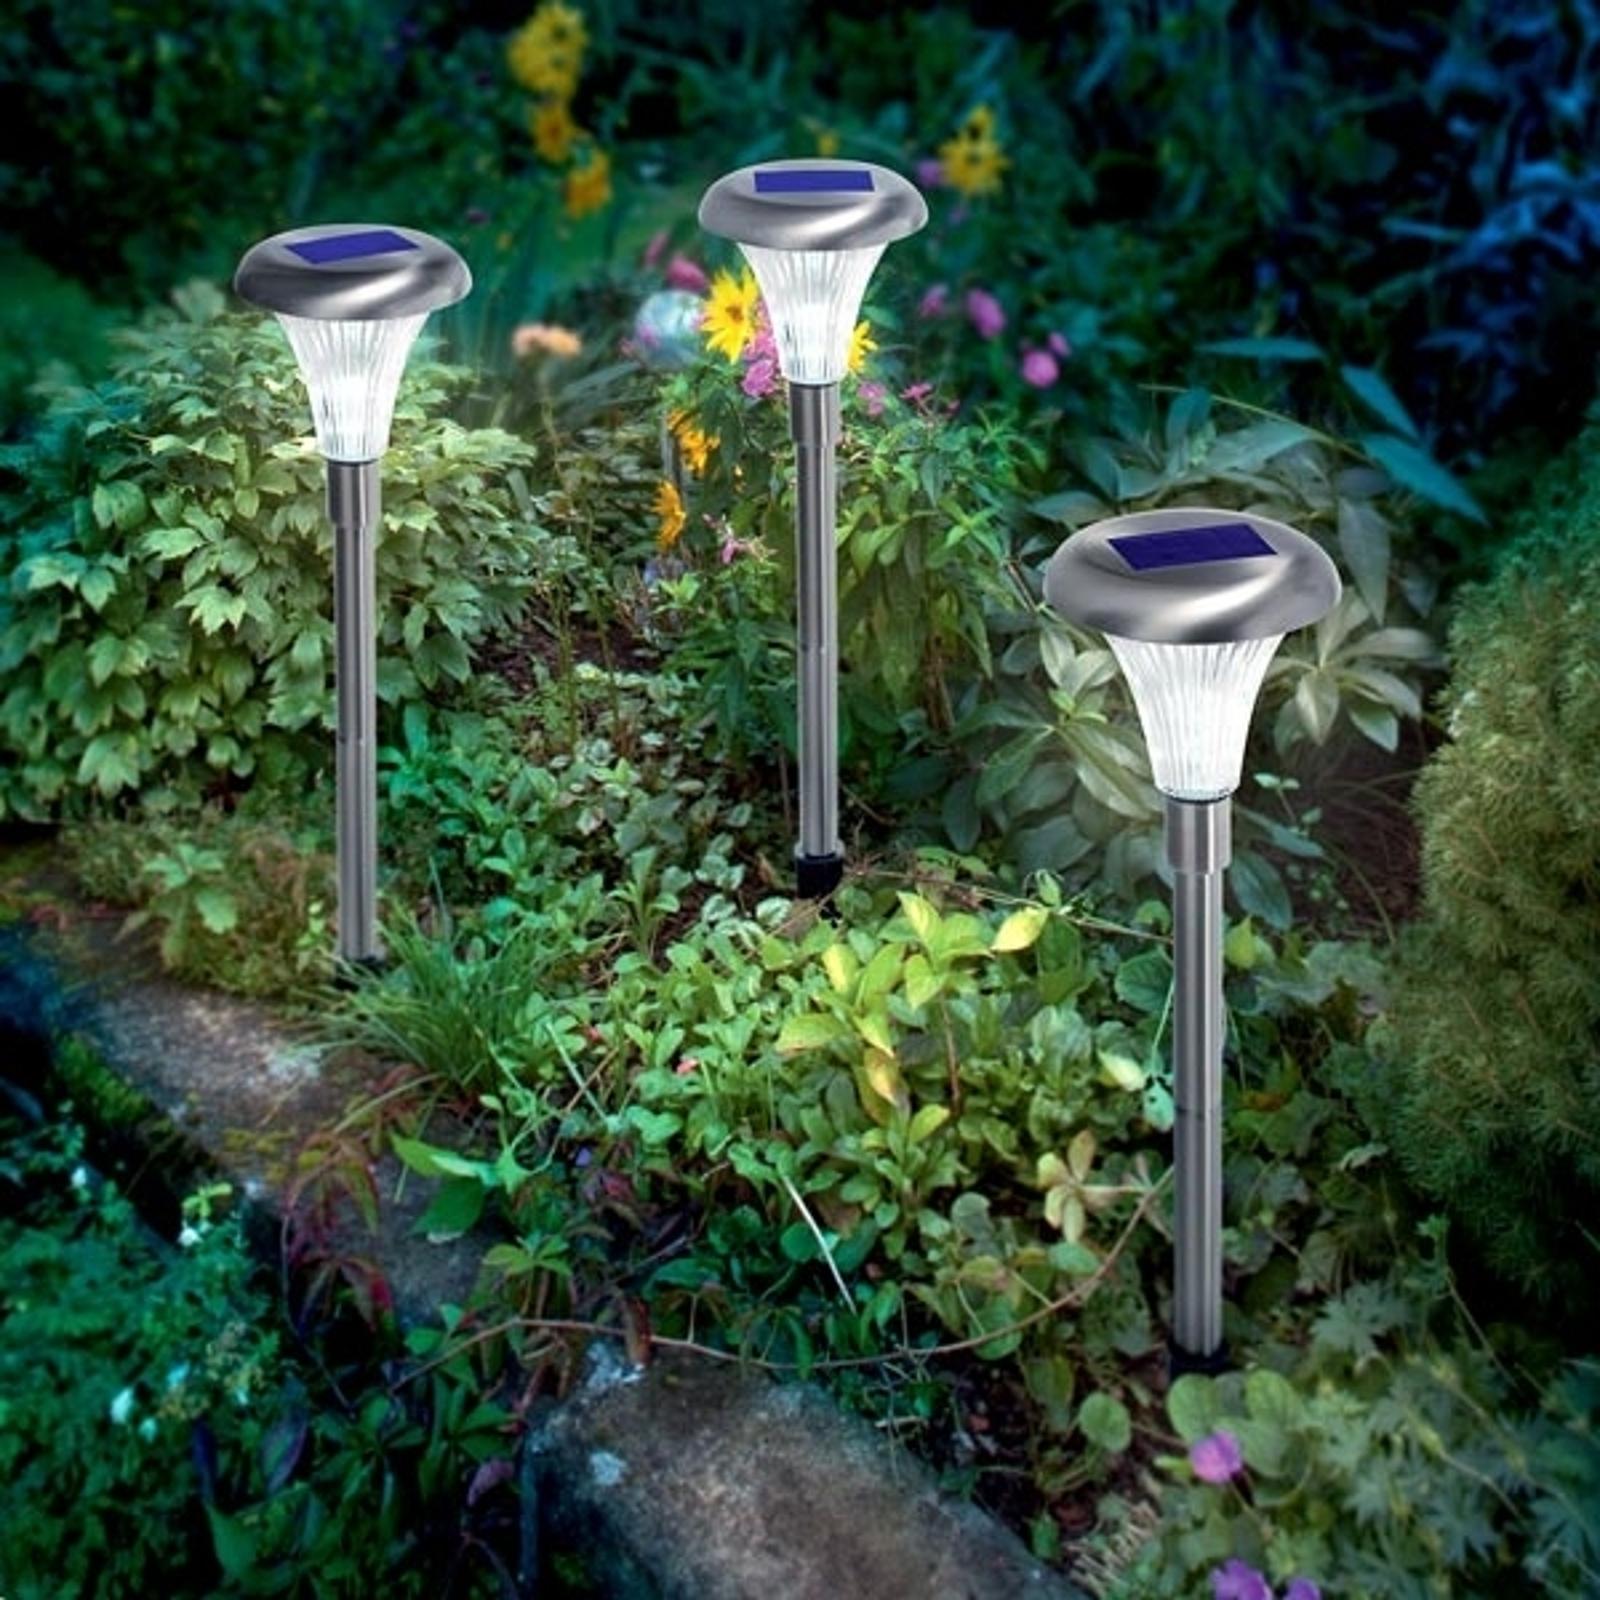 Capri solcellelampe i rustfrit stål i sæt á 3